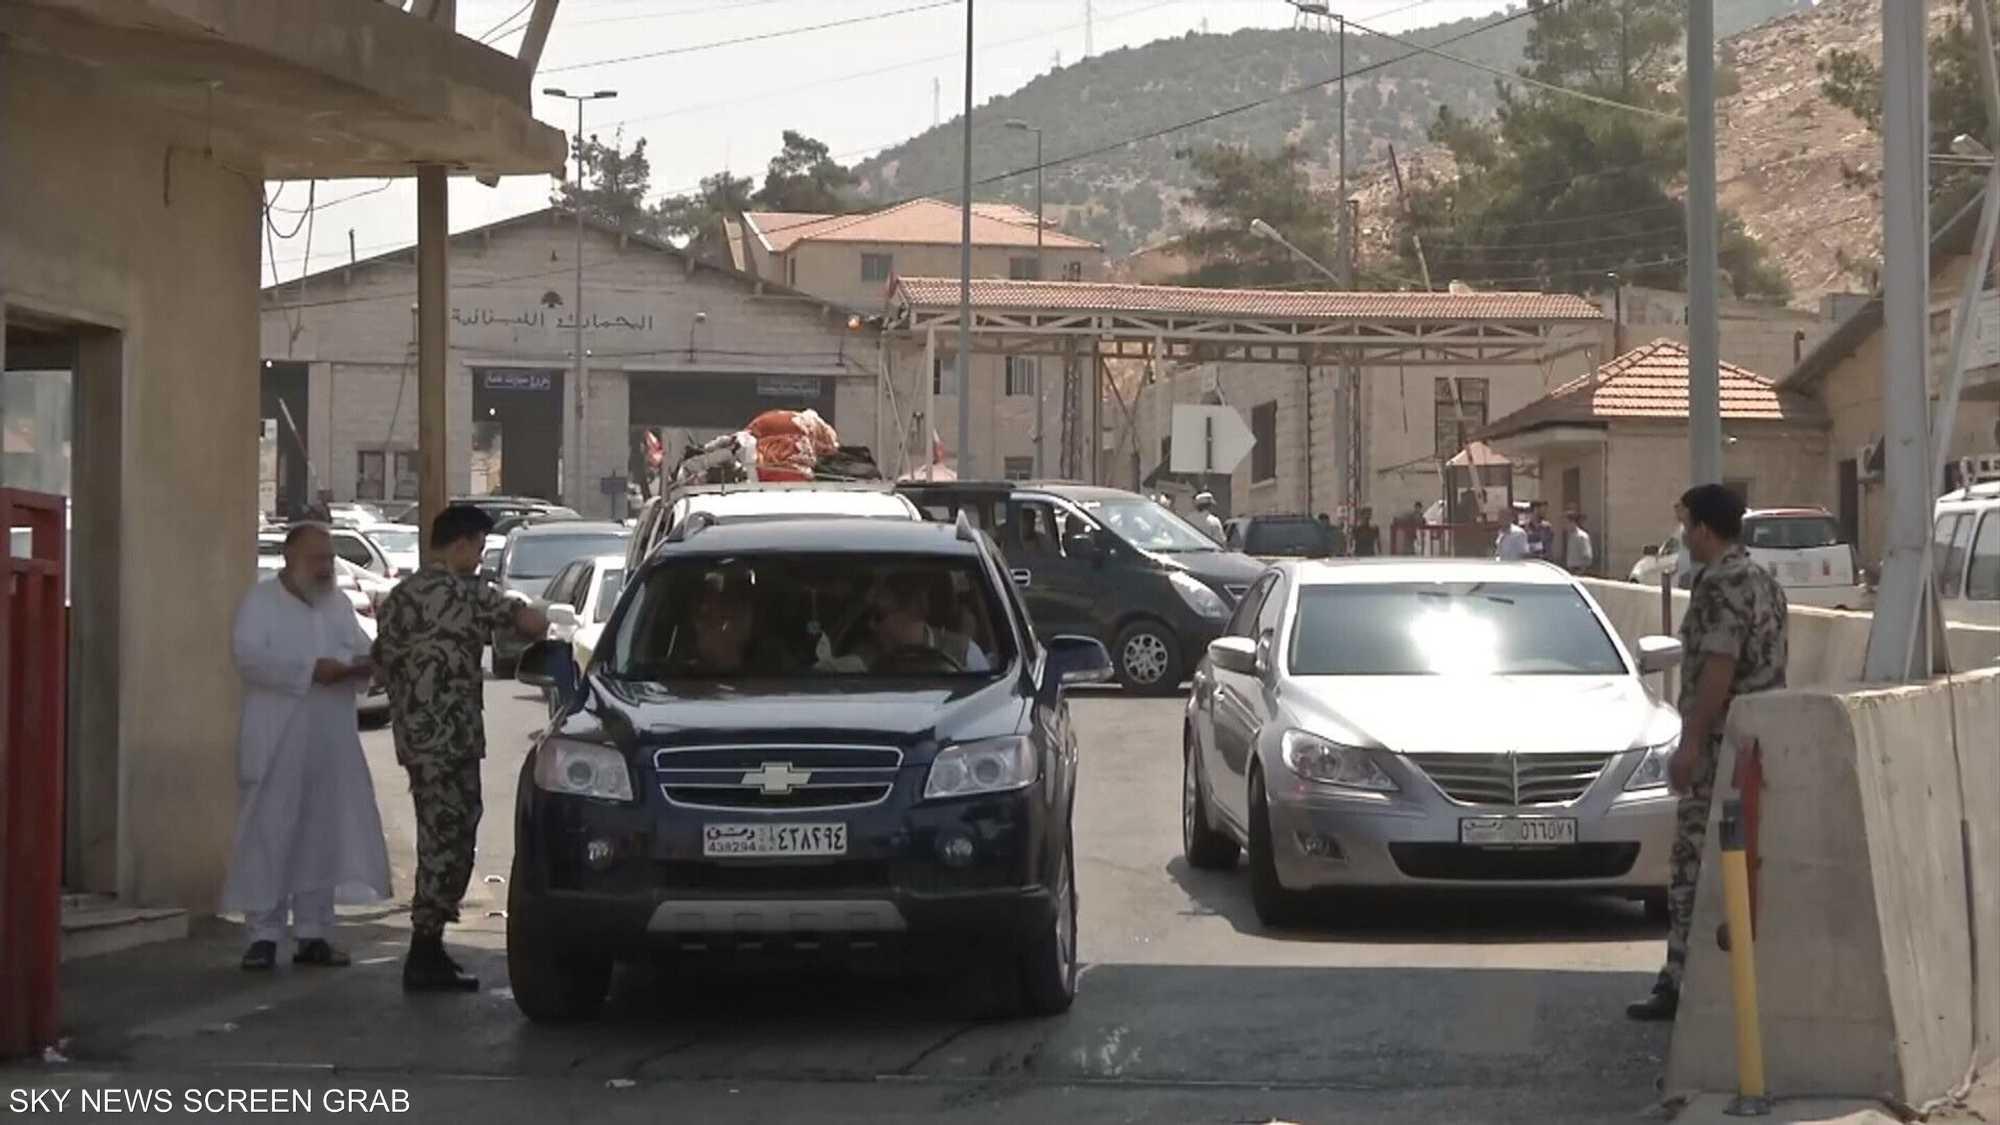 دمشق تلزم العائدين للبلاد بتصريف 100 دولار بالمنافذ الحدودية